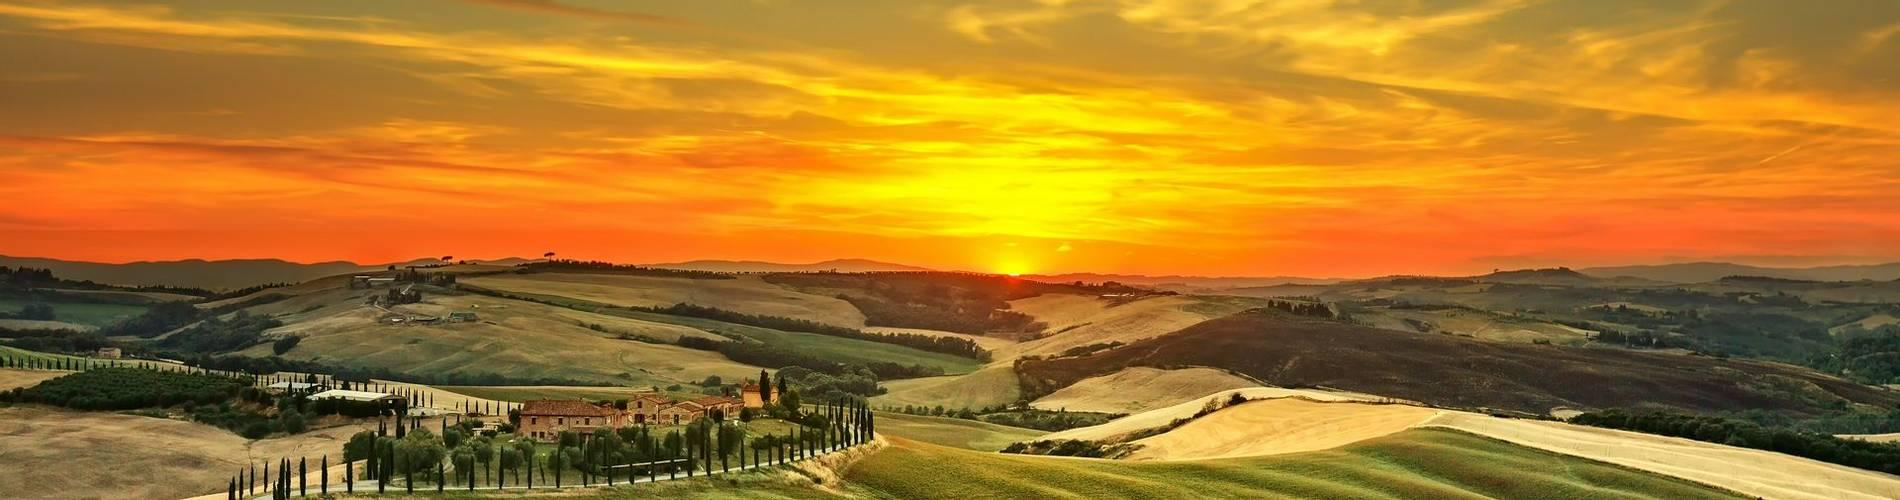 Tuscany & Umbria Intro Image.jpg